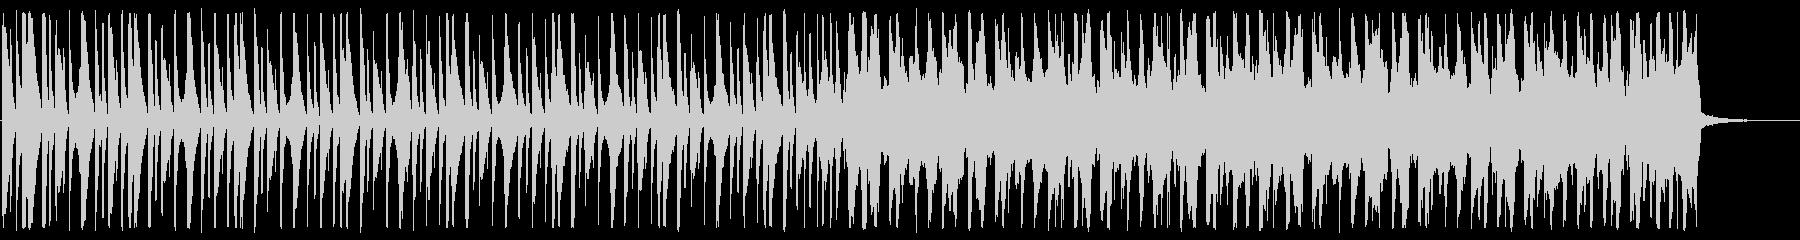 シンプル/ハウス_No671_2の未再生の波形